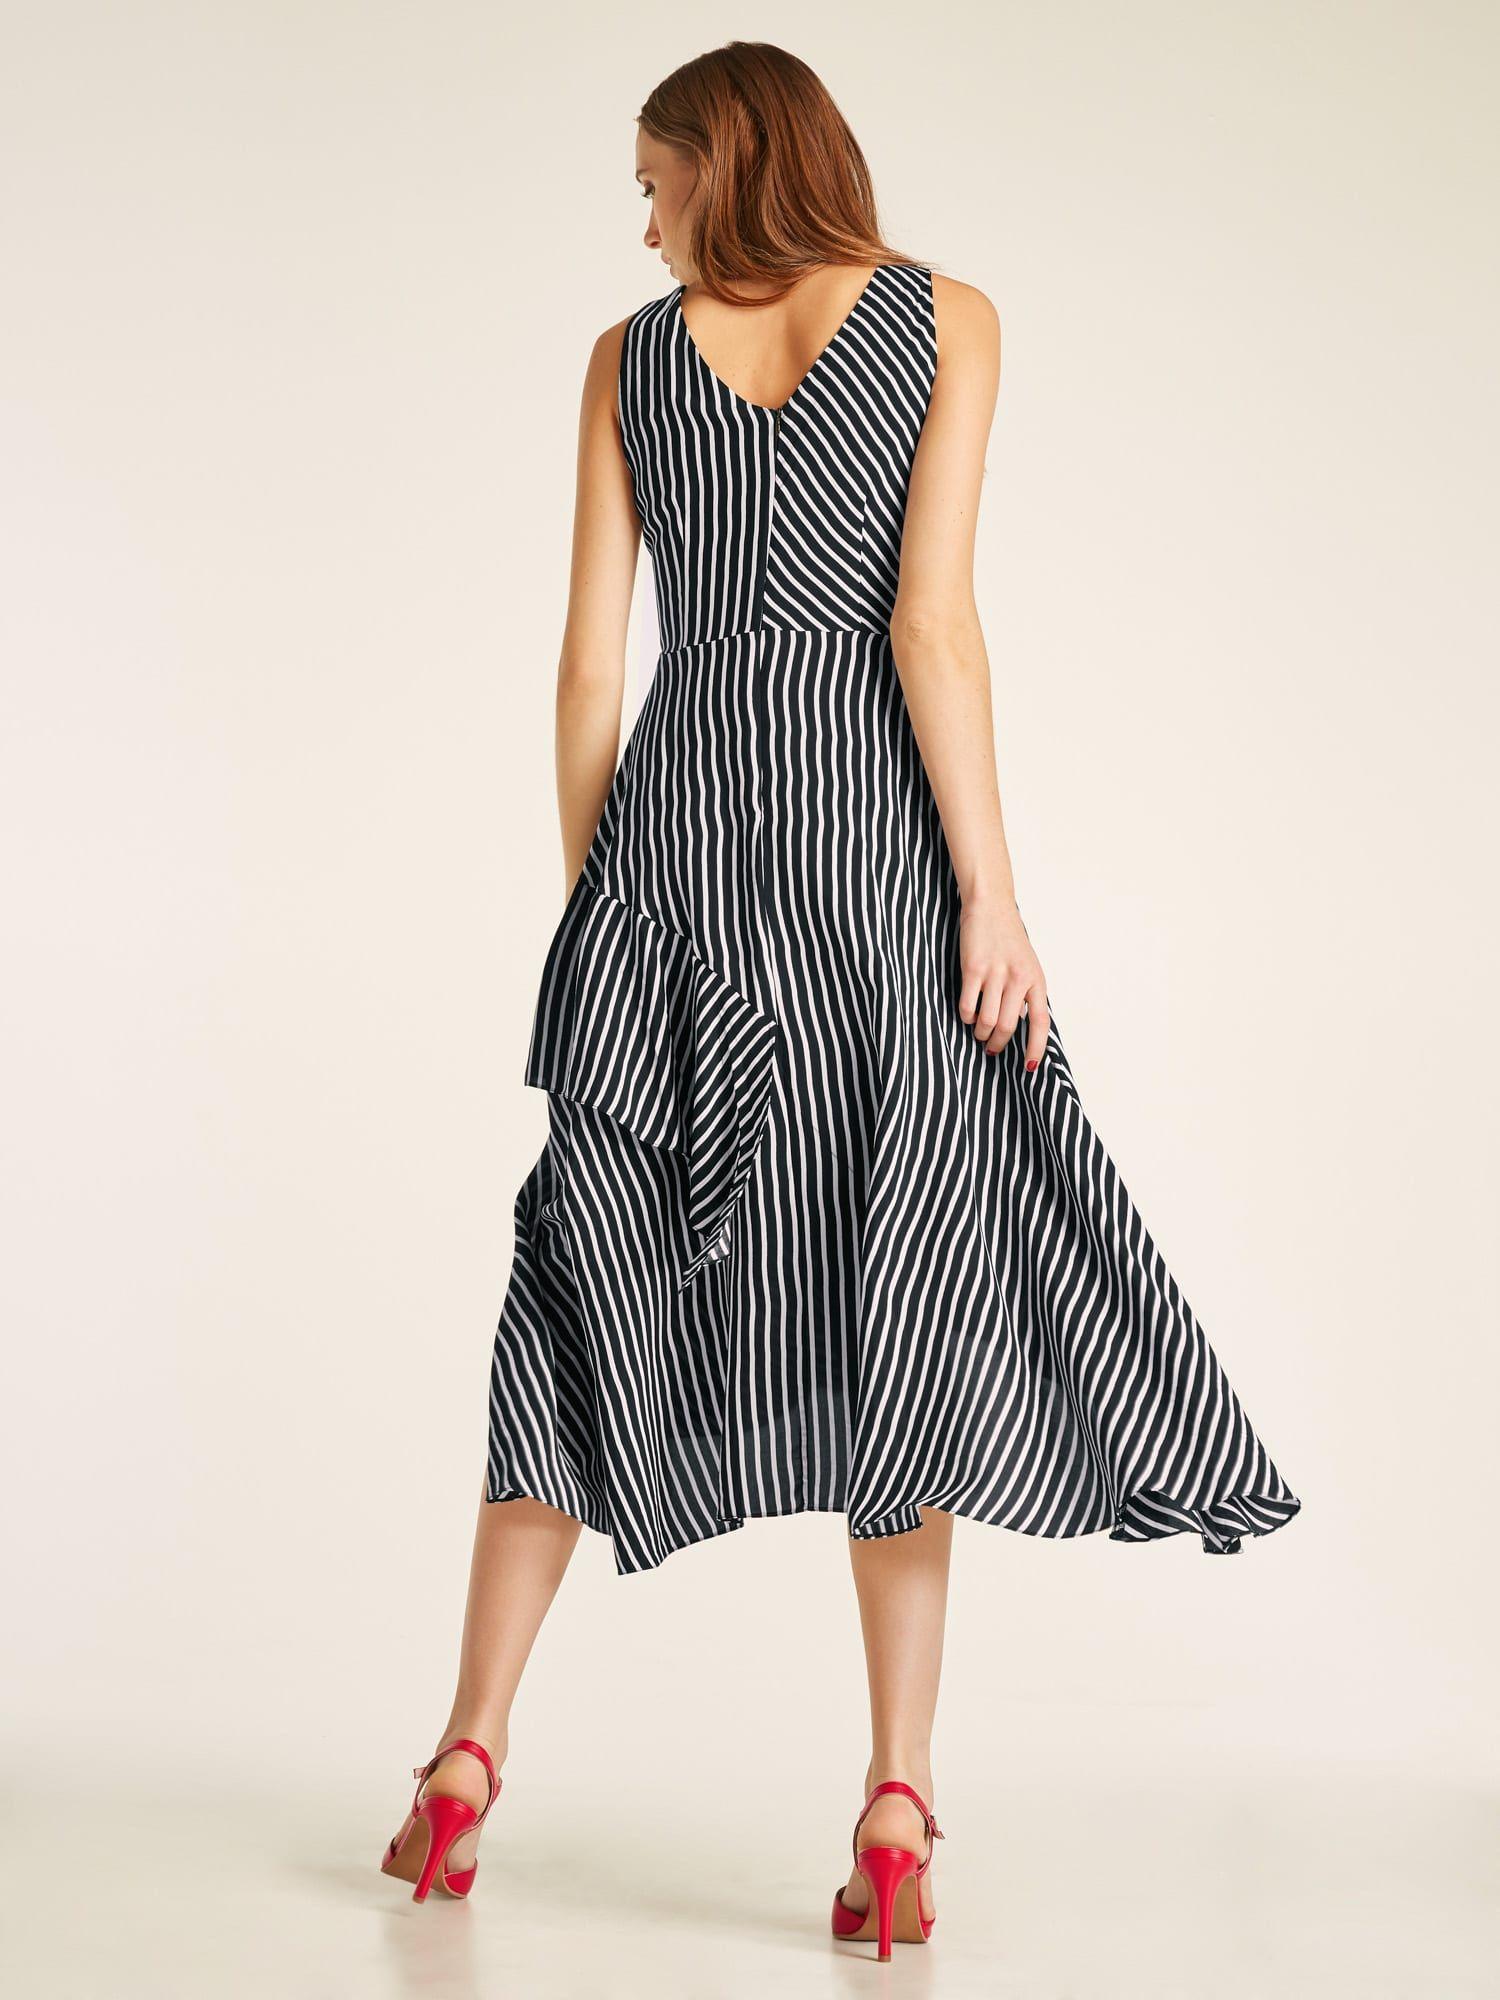 kleider schwarz-weiß heine damen kleid mit gürtel